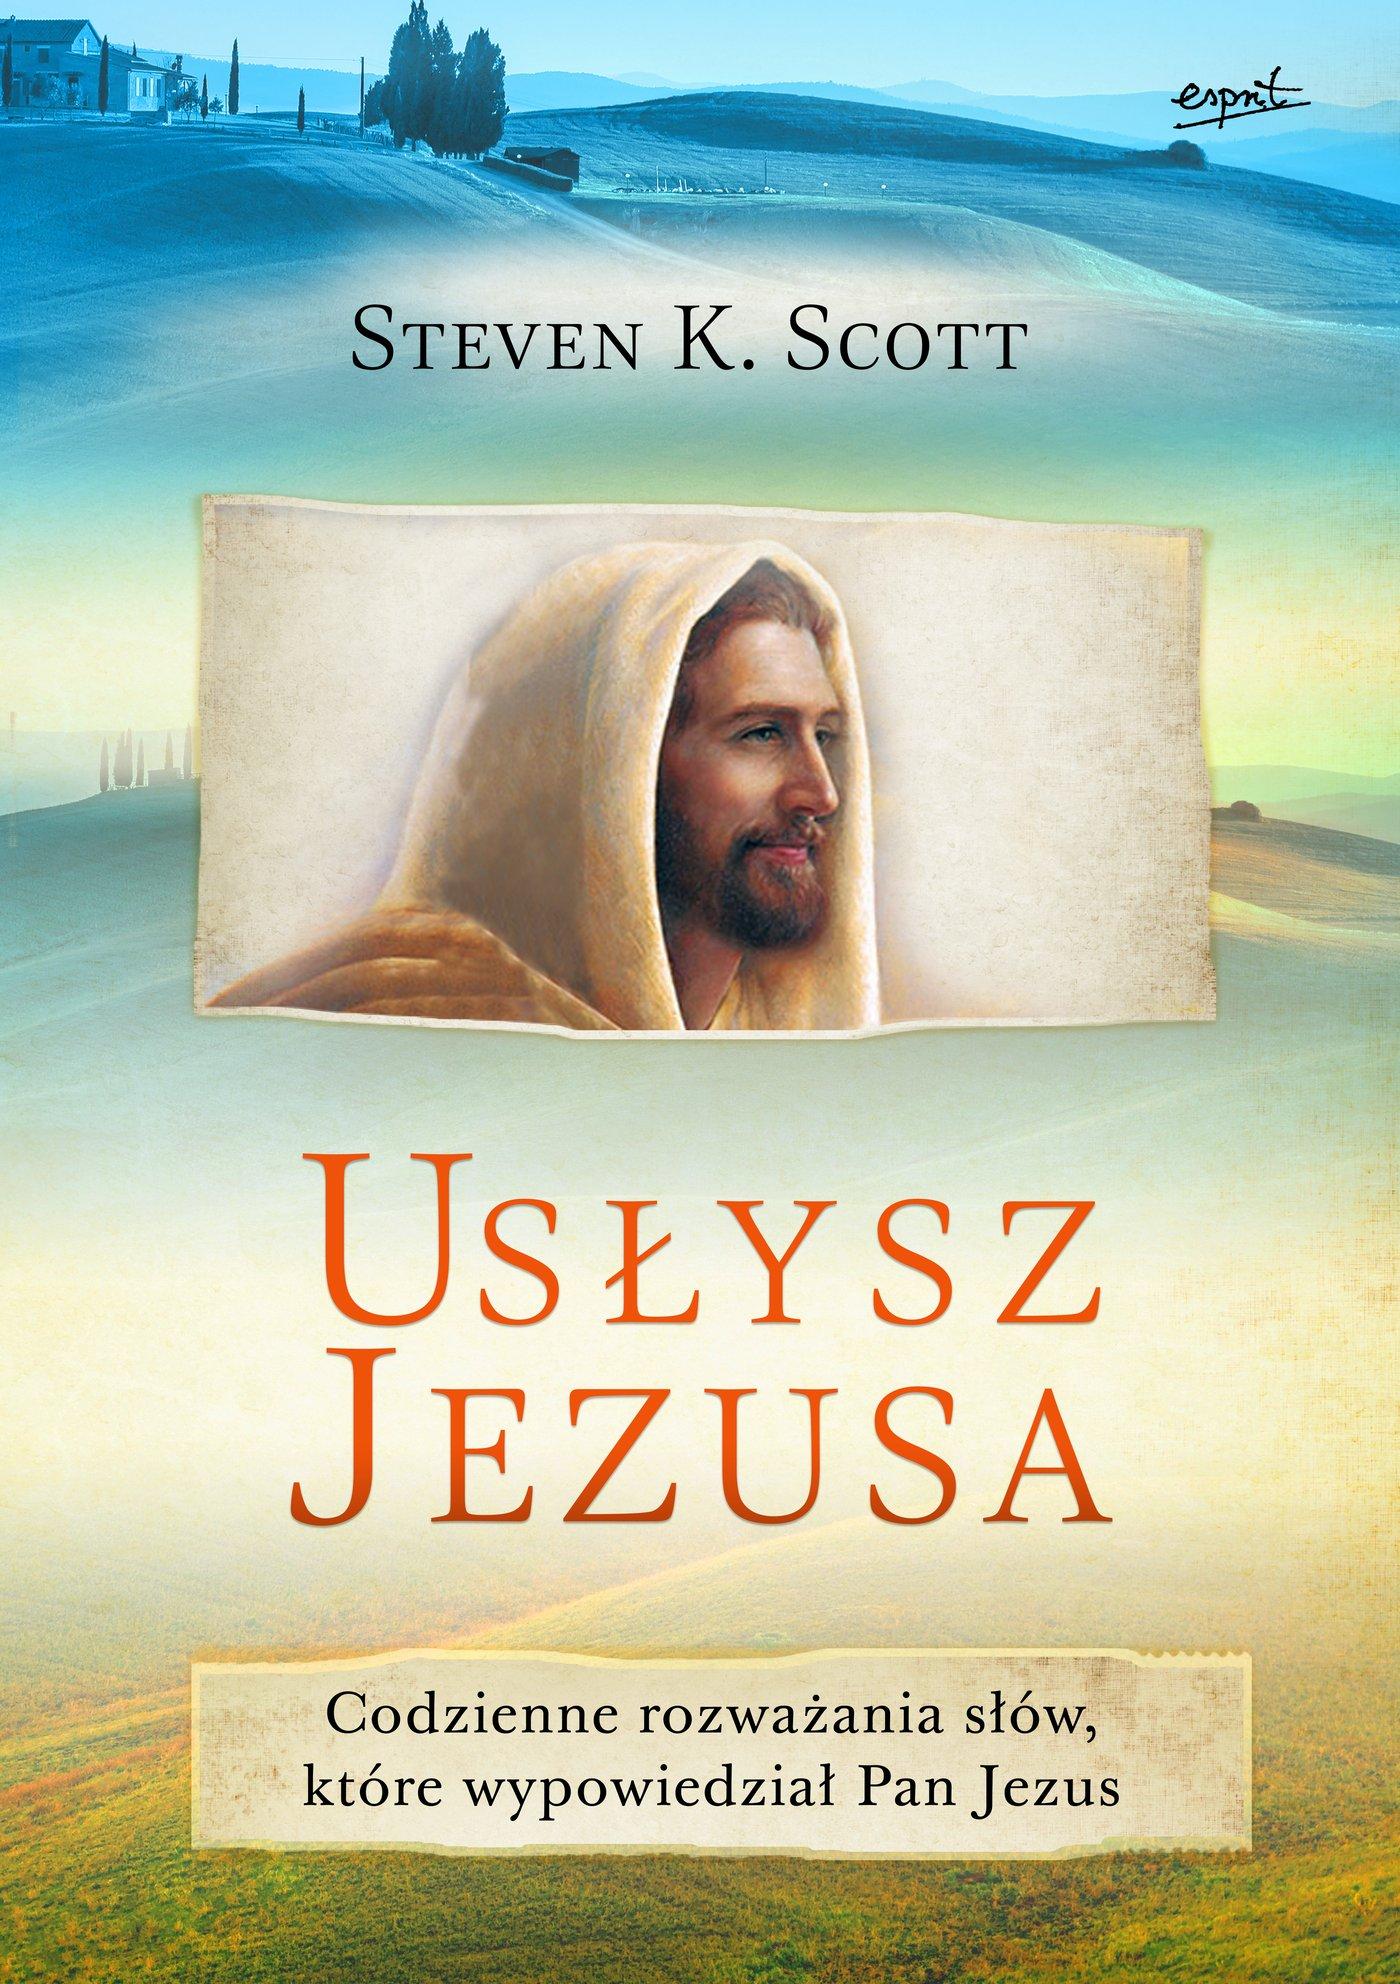 Usłysz Jezusa - Ebook (Książka na Kindle) do pobrania w formacie MOBI